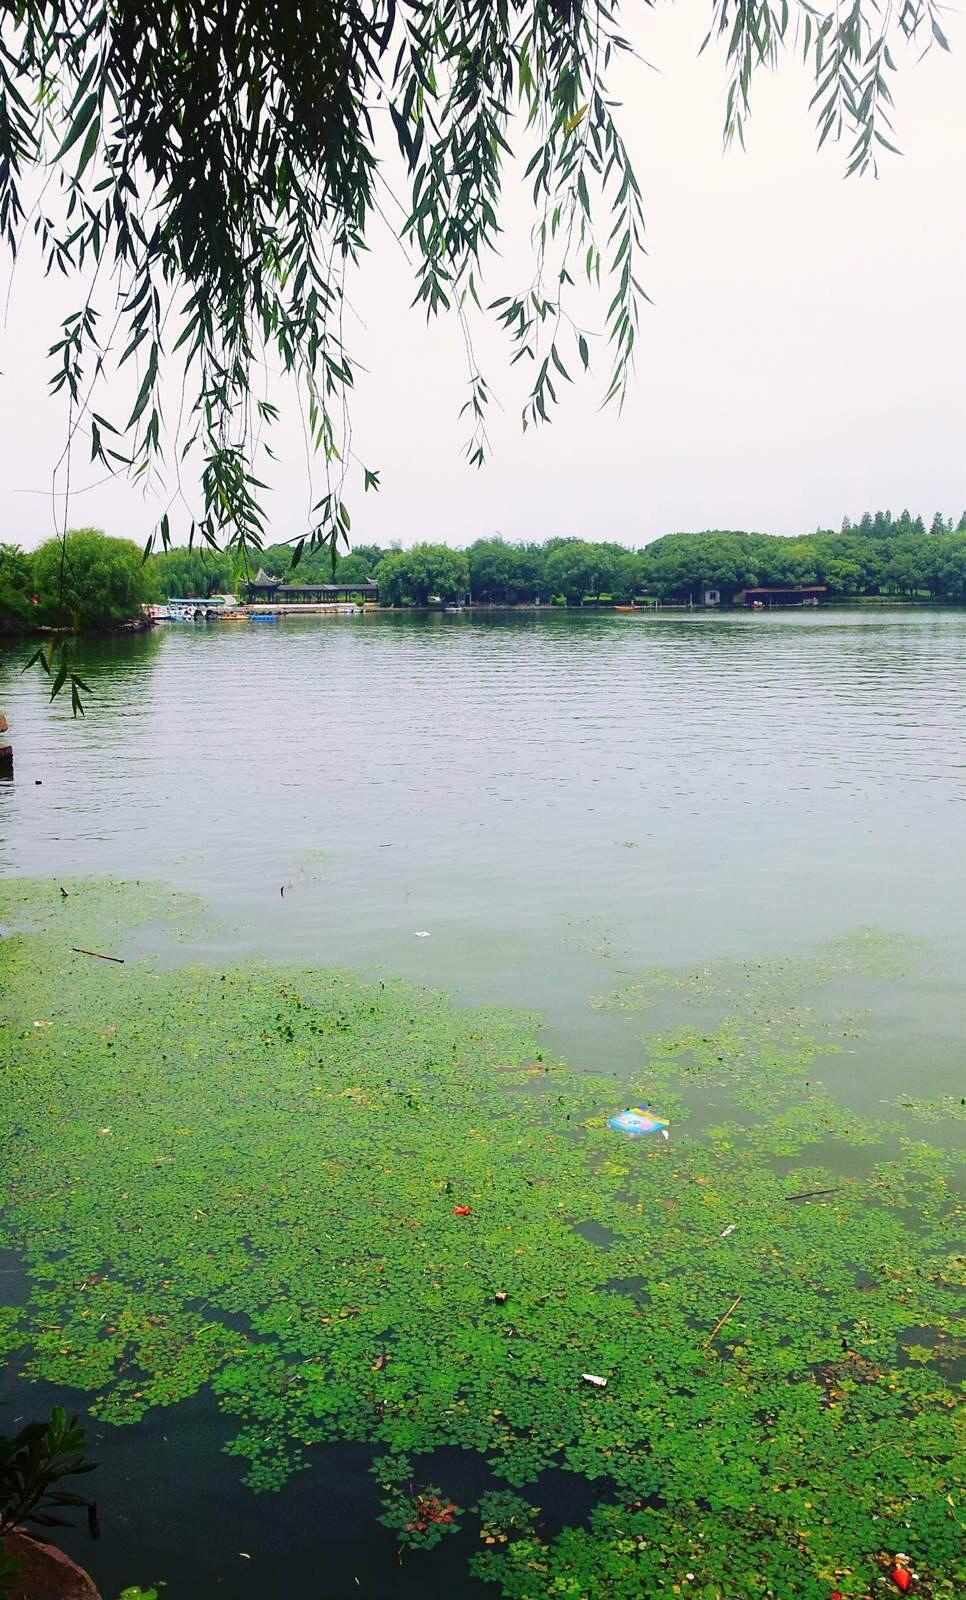 東錢湖又稱錢湖,萬金湖,是浙江省著名的風景名勝區,距寧波城東15公